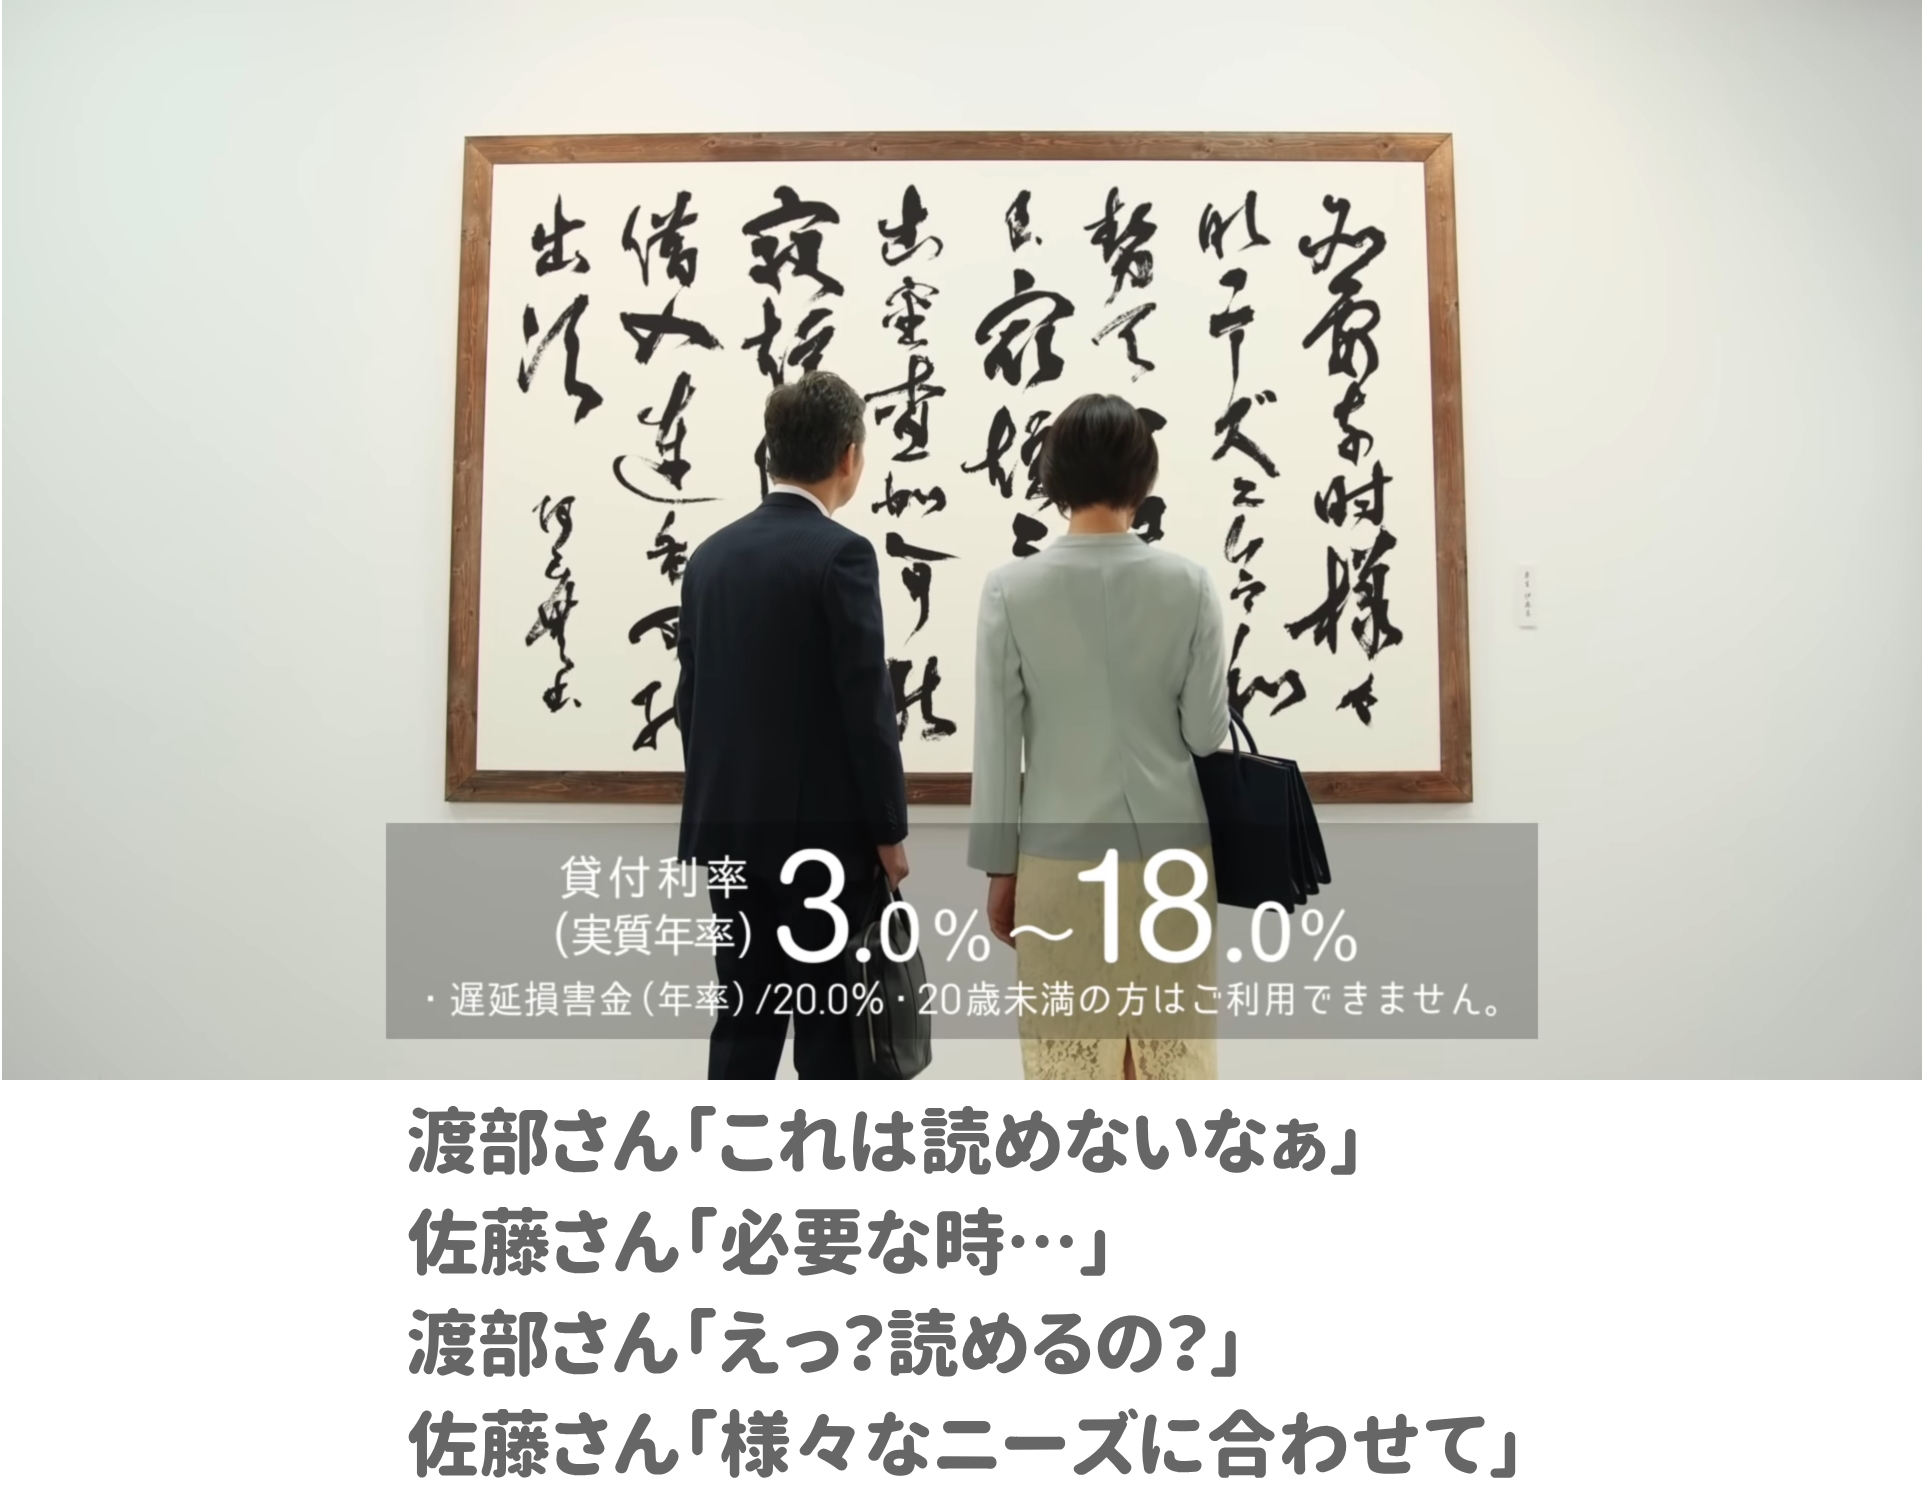 篤郎 cm 渡部